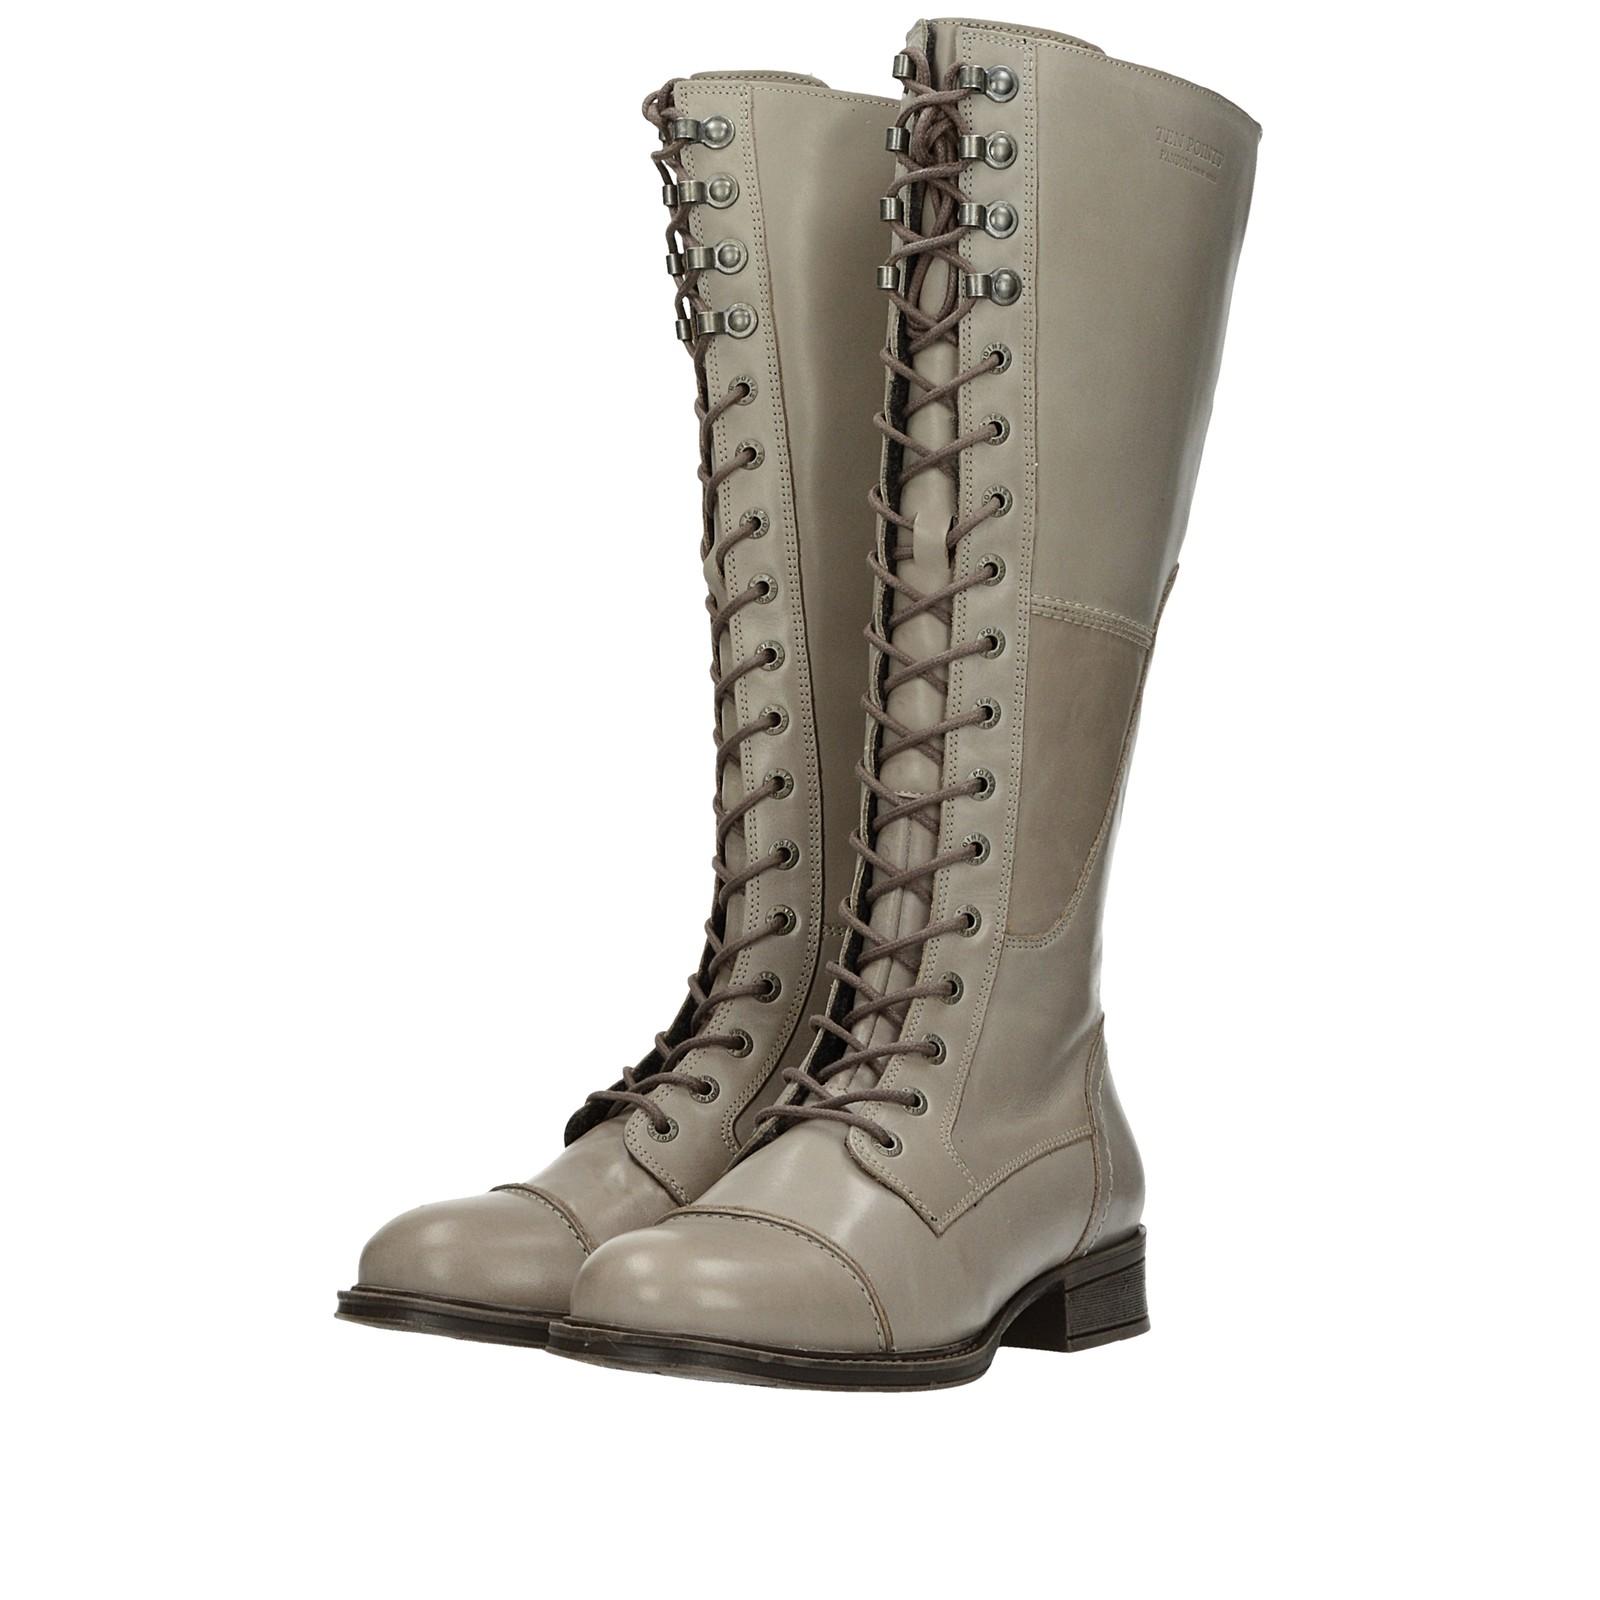 4018d2cfa8f72 Ten Points dámske kožené vysoké čižmy - šedé | 126024-TAUPE www.robel.sk